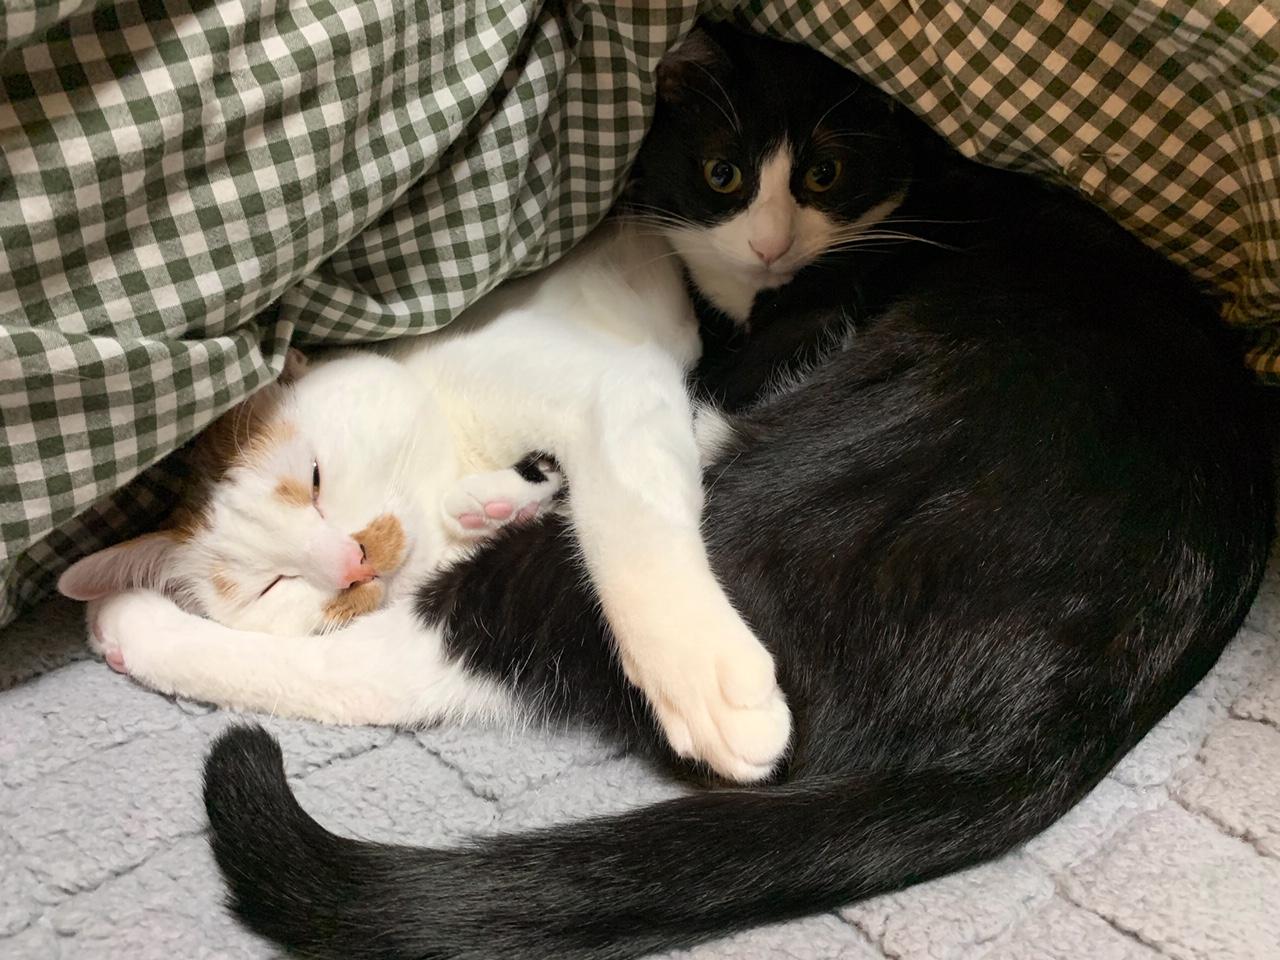 寝室で毛布に埋もれるルウくんとラビくん